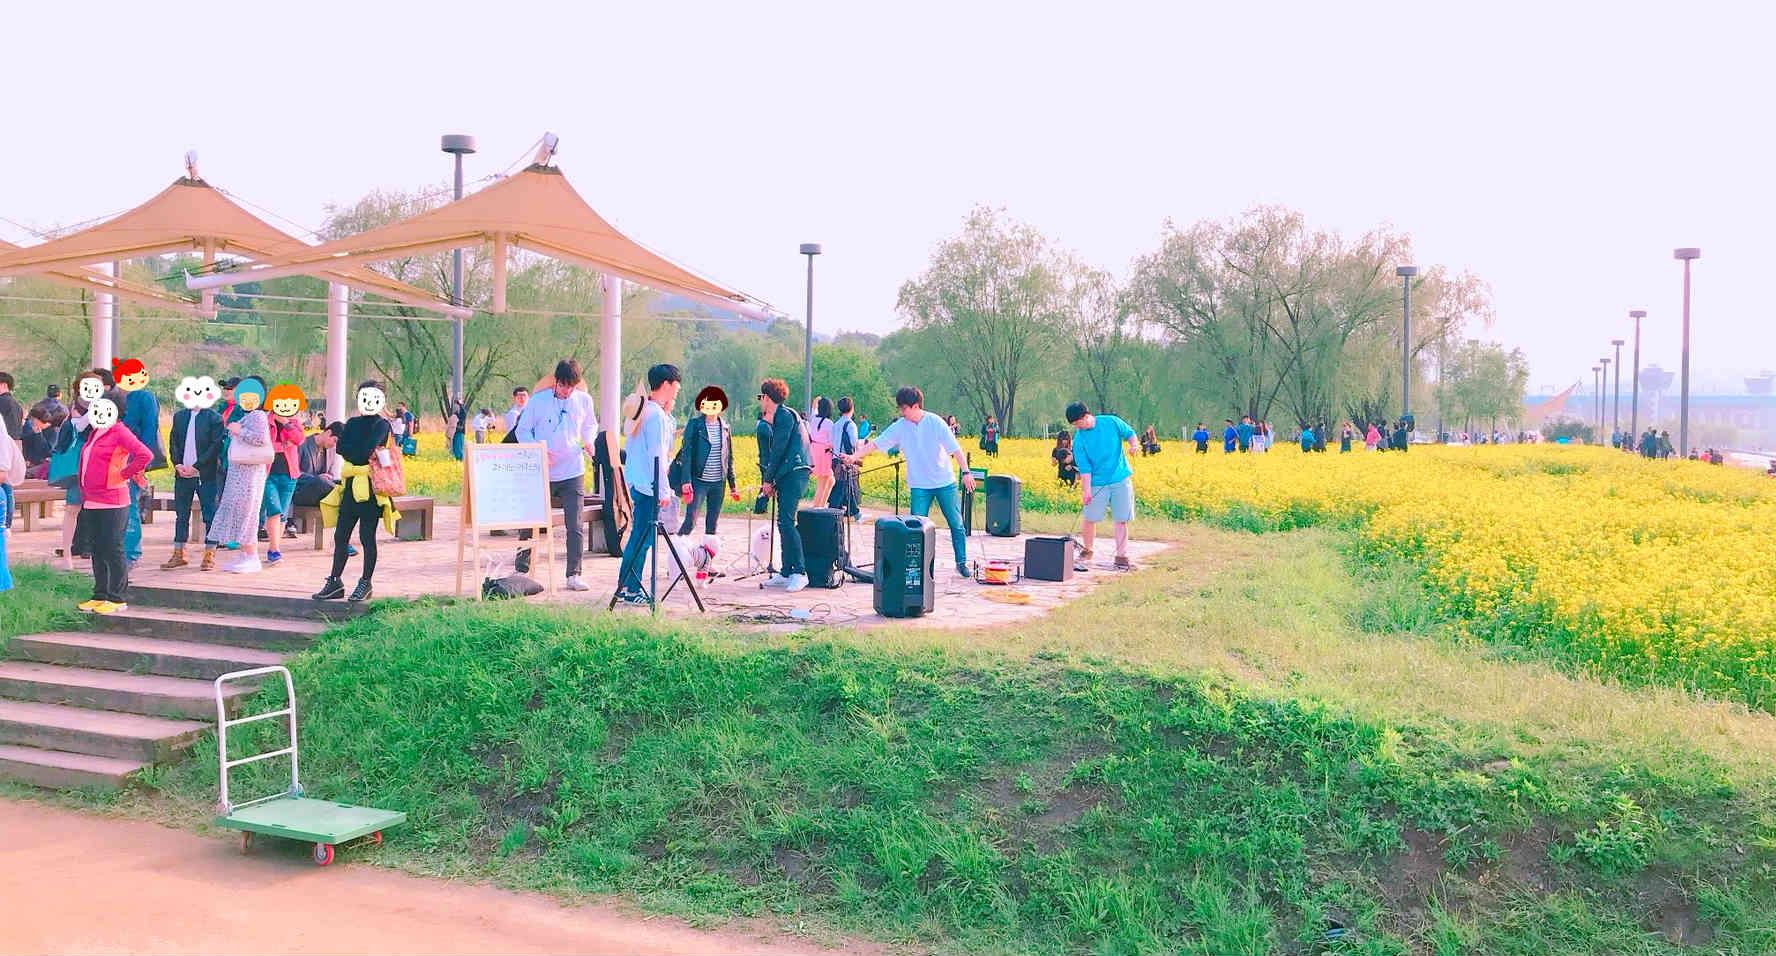 配合油菜花季,首爾市政府也會在此時舉辦各種活動,例如樂團表演等,期望吸引更多人前來觀賞。